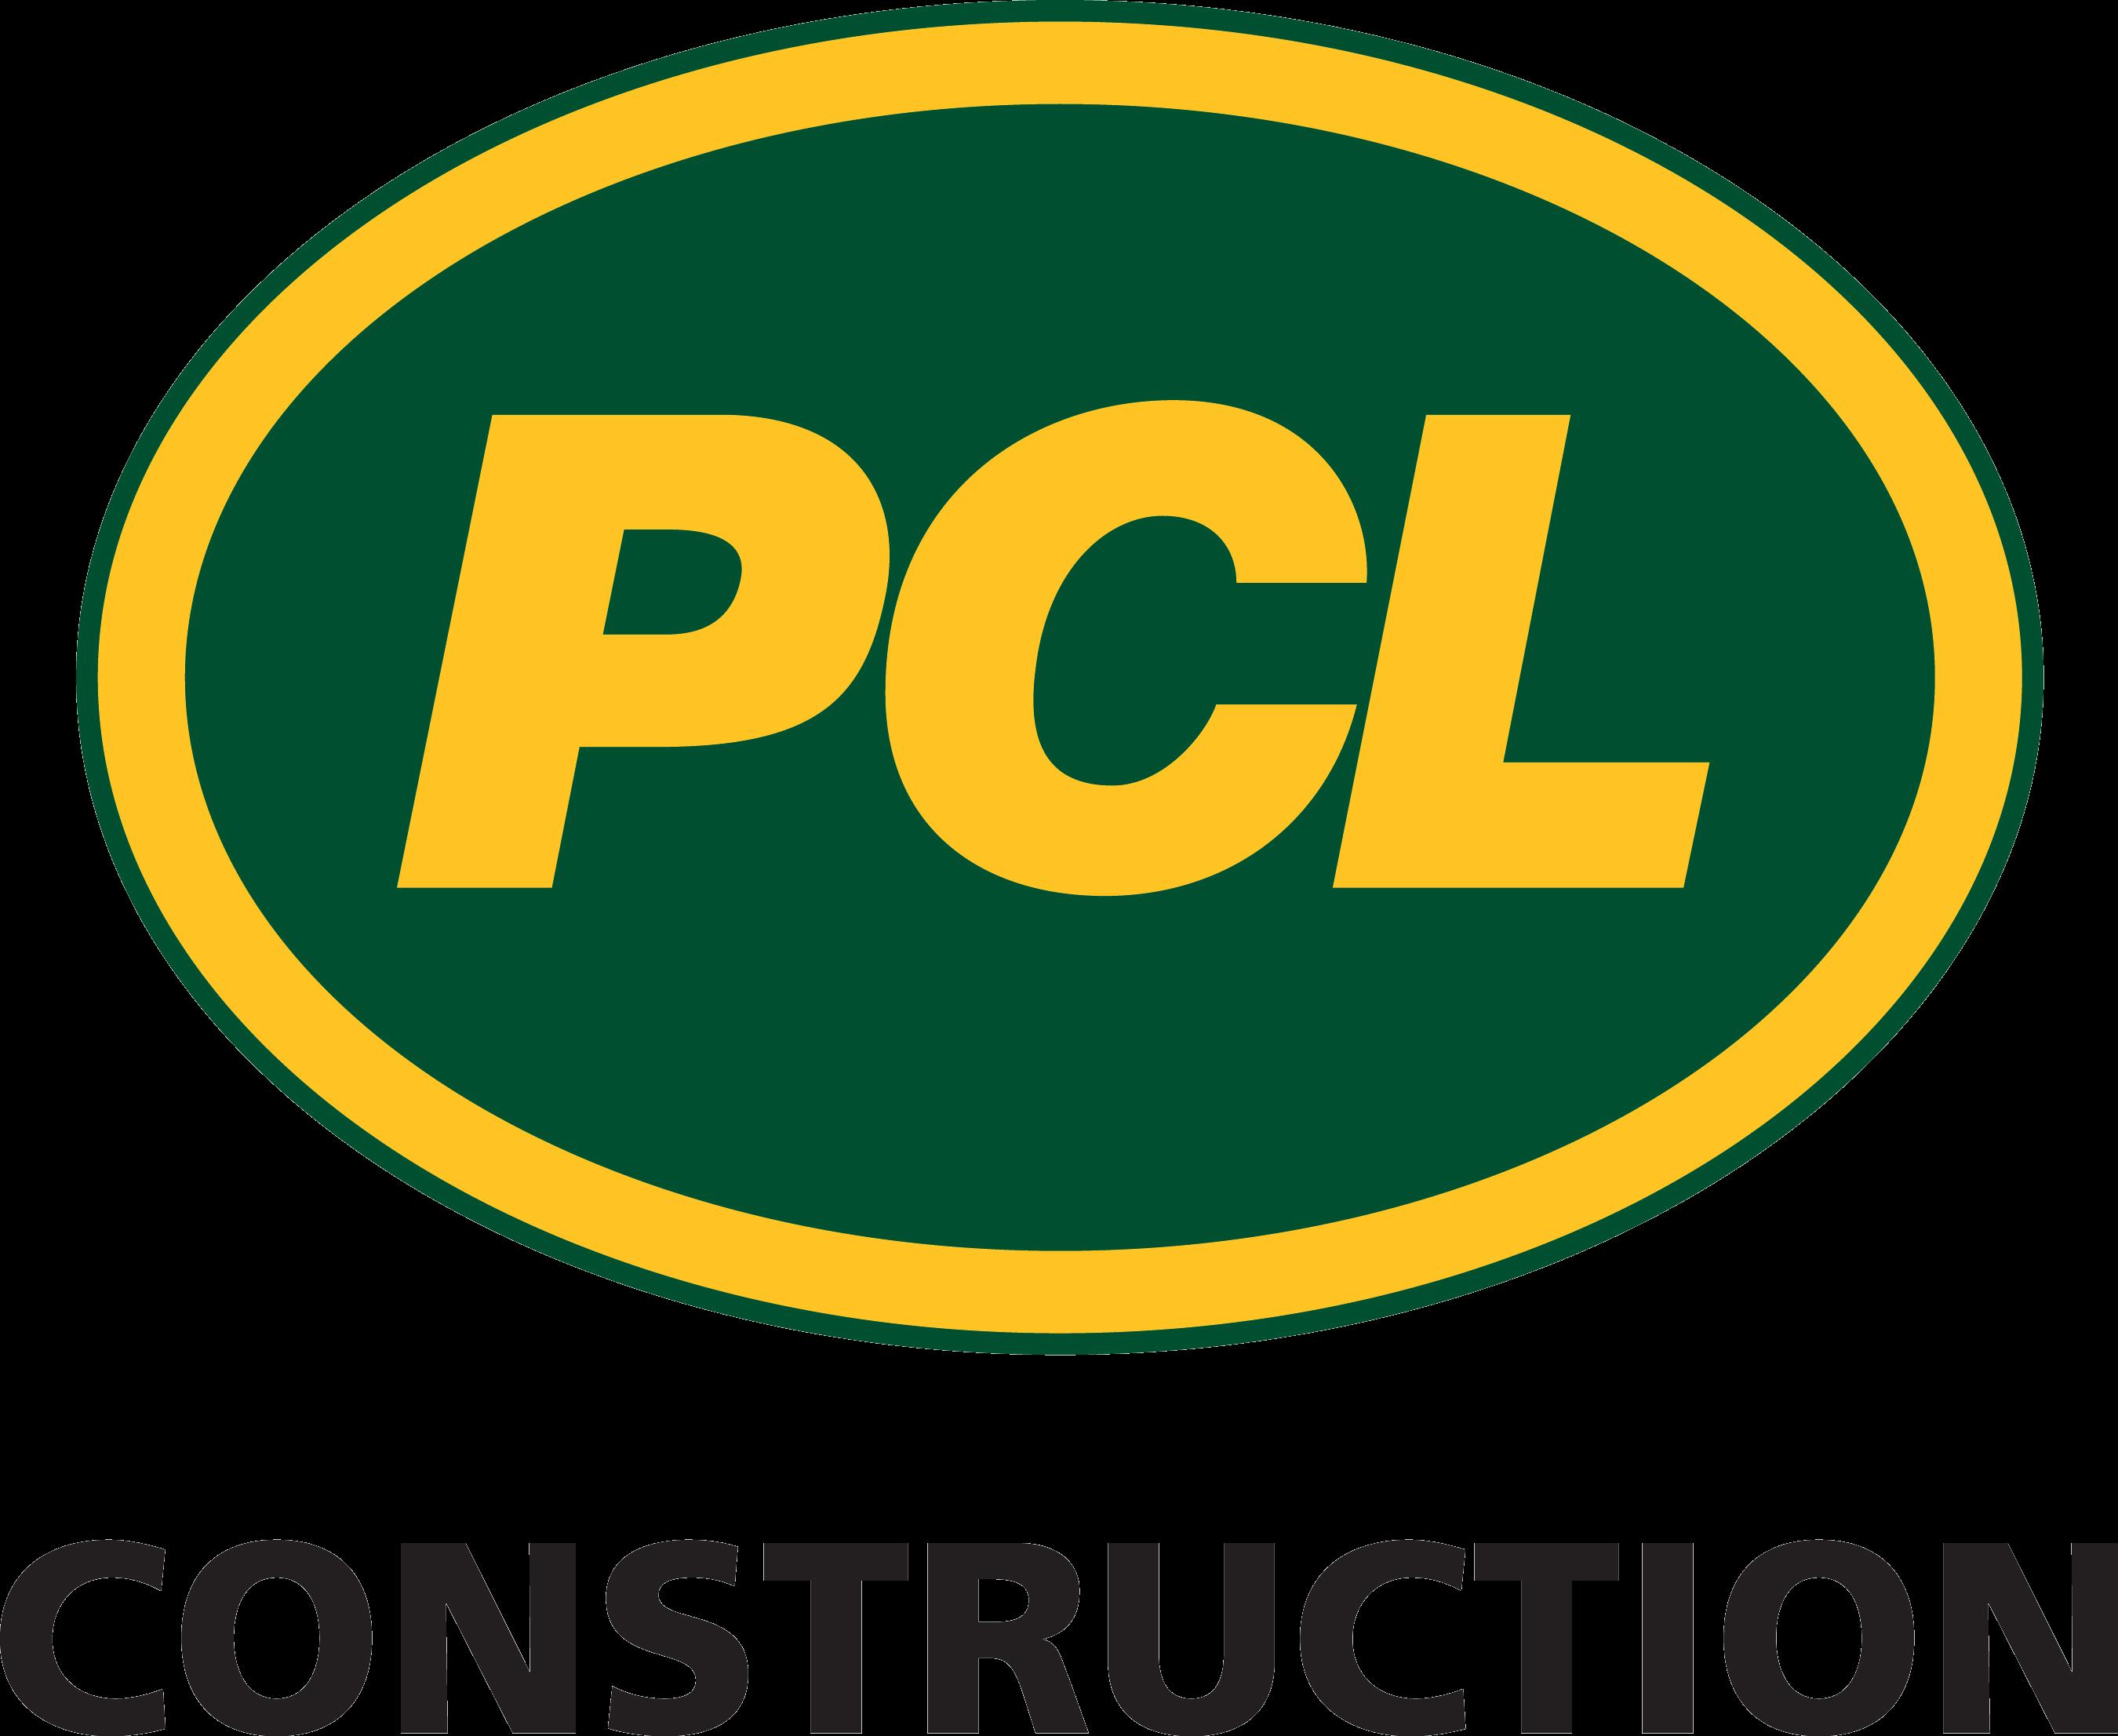 PCL_Construction